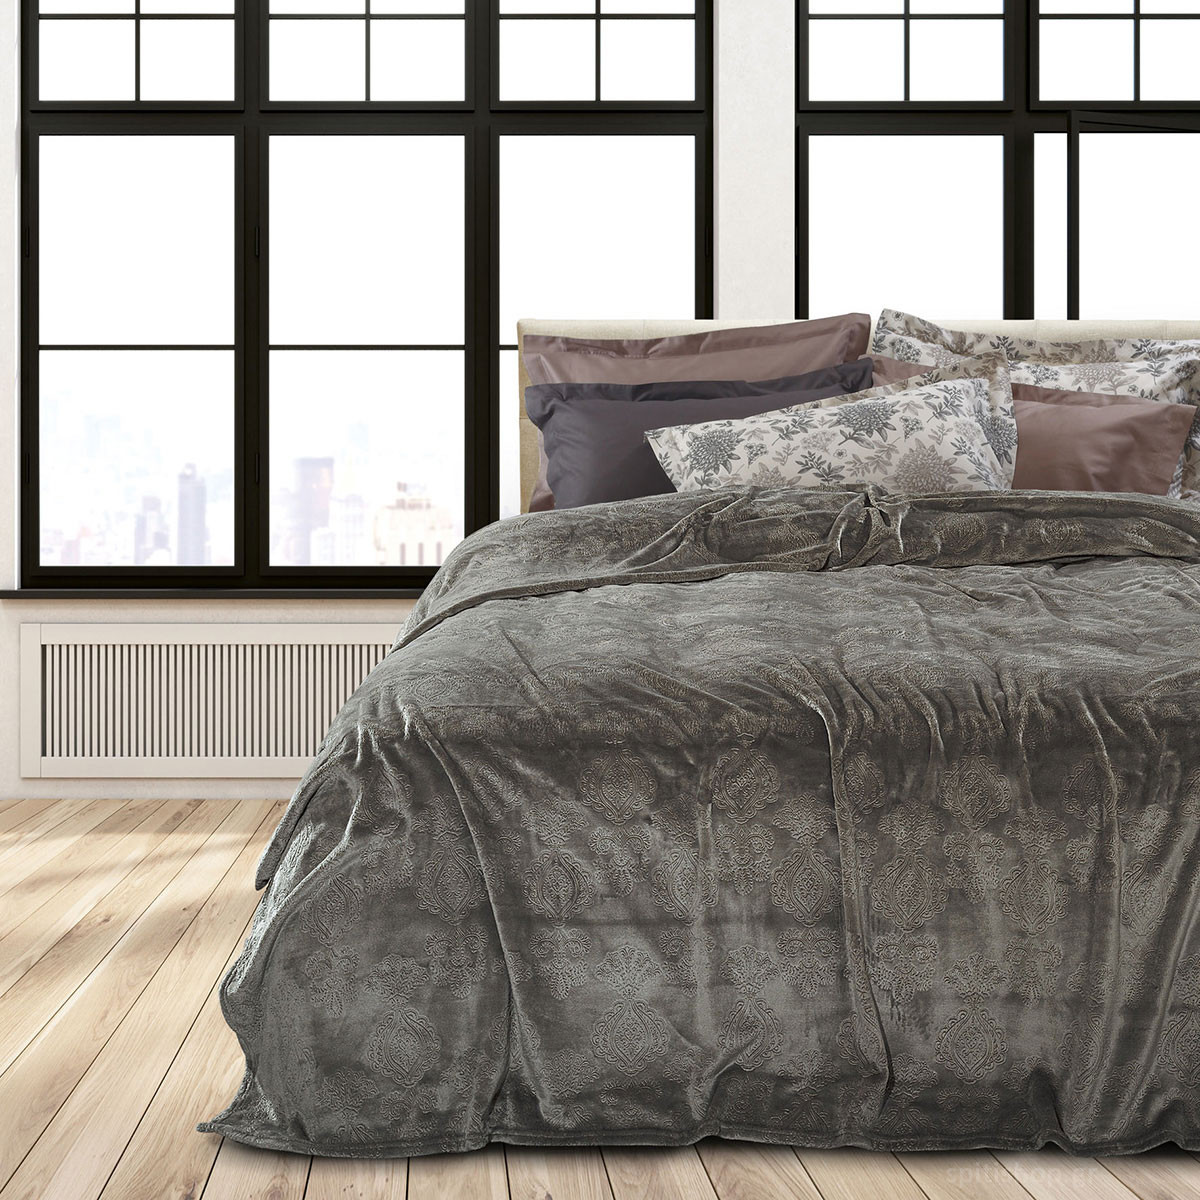 Κουβέρτα Fleece Υπέρδιπλη Das Home Blanket Line 420 home   κρεβατοκάμαρα   κουβέρτες   κουβέρτες fleece υπέρδιπλες